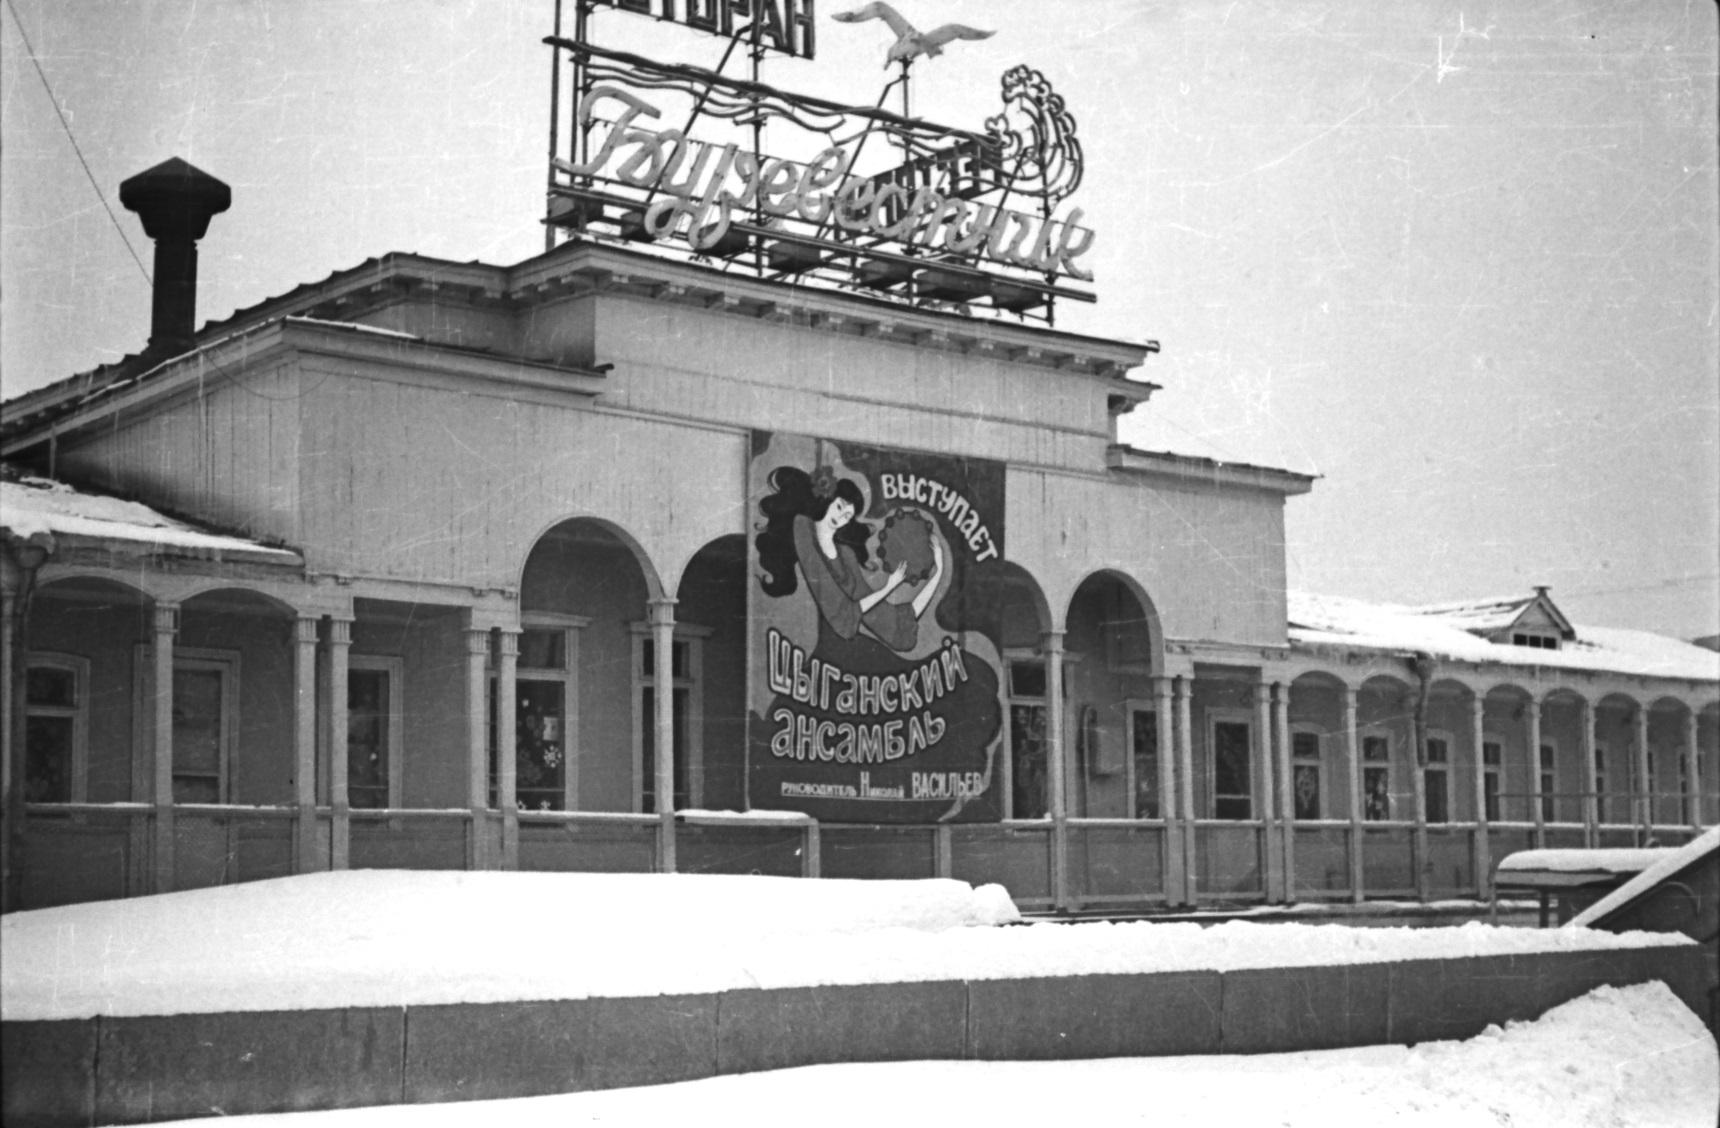 1977. Ресторан Буревестник